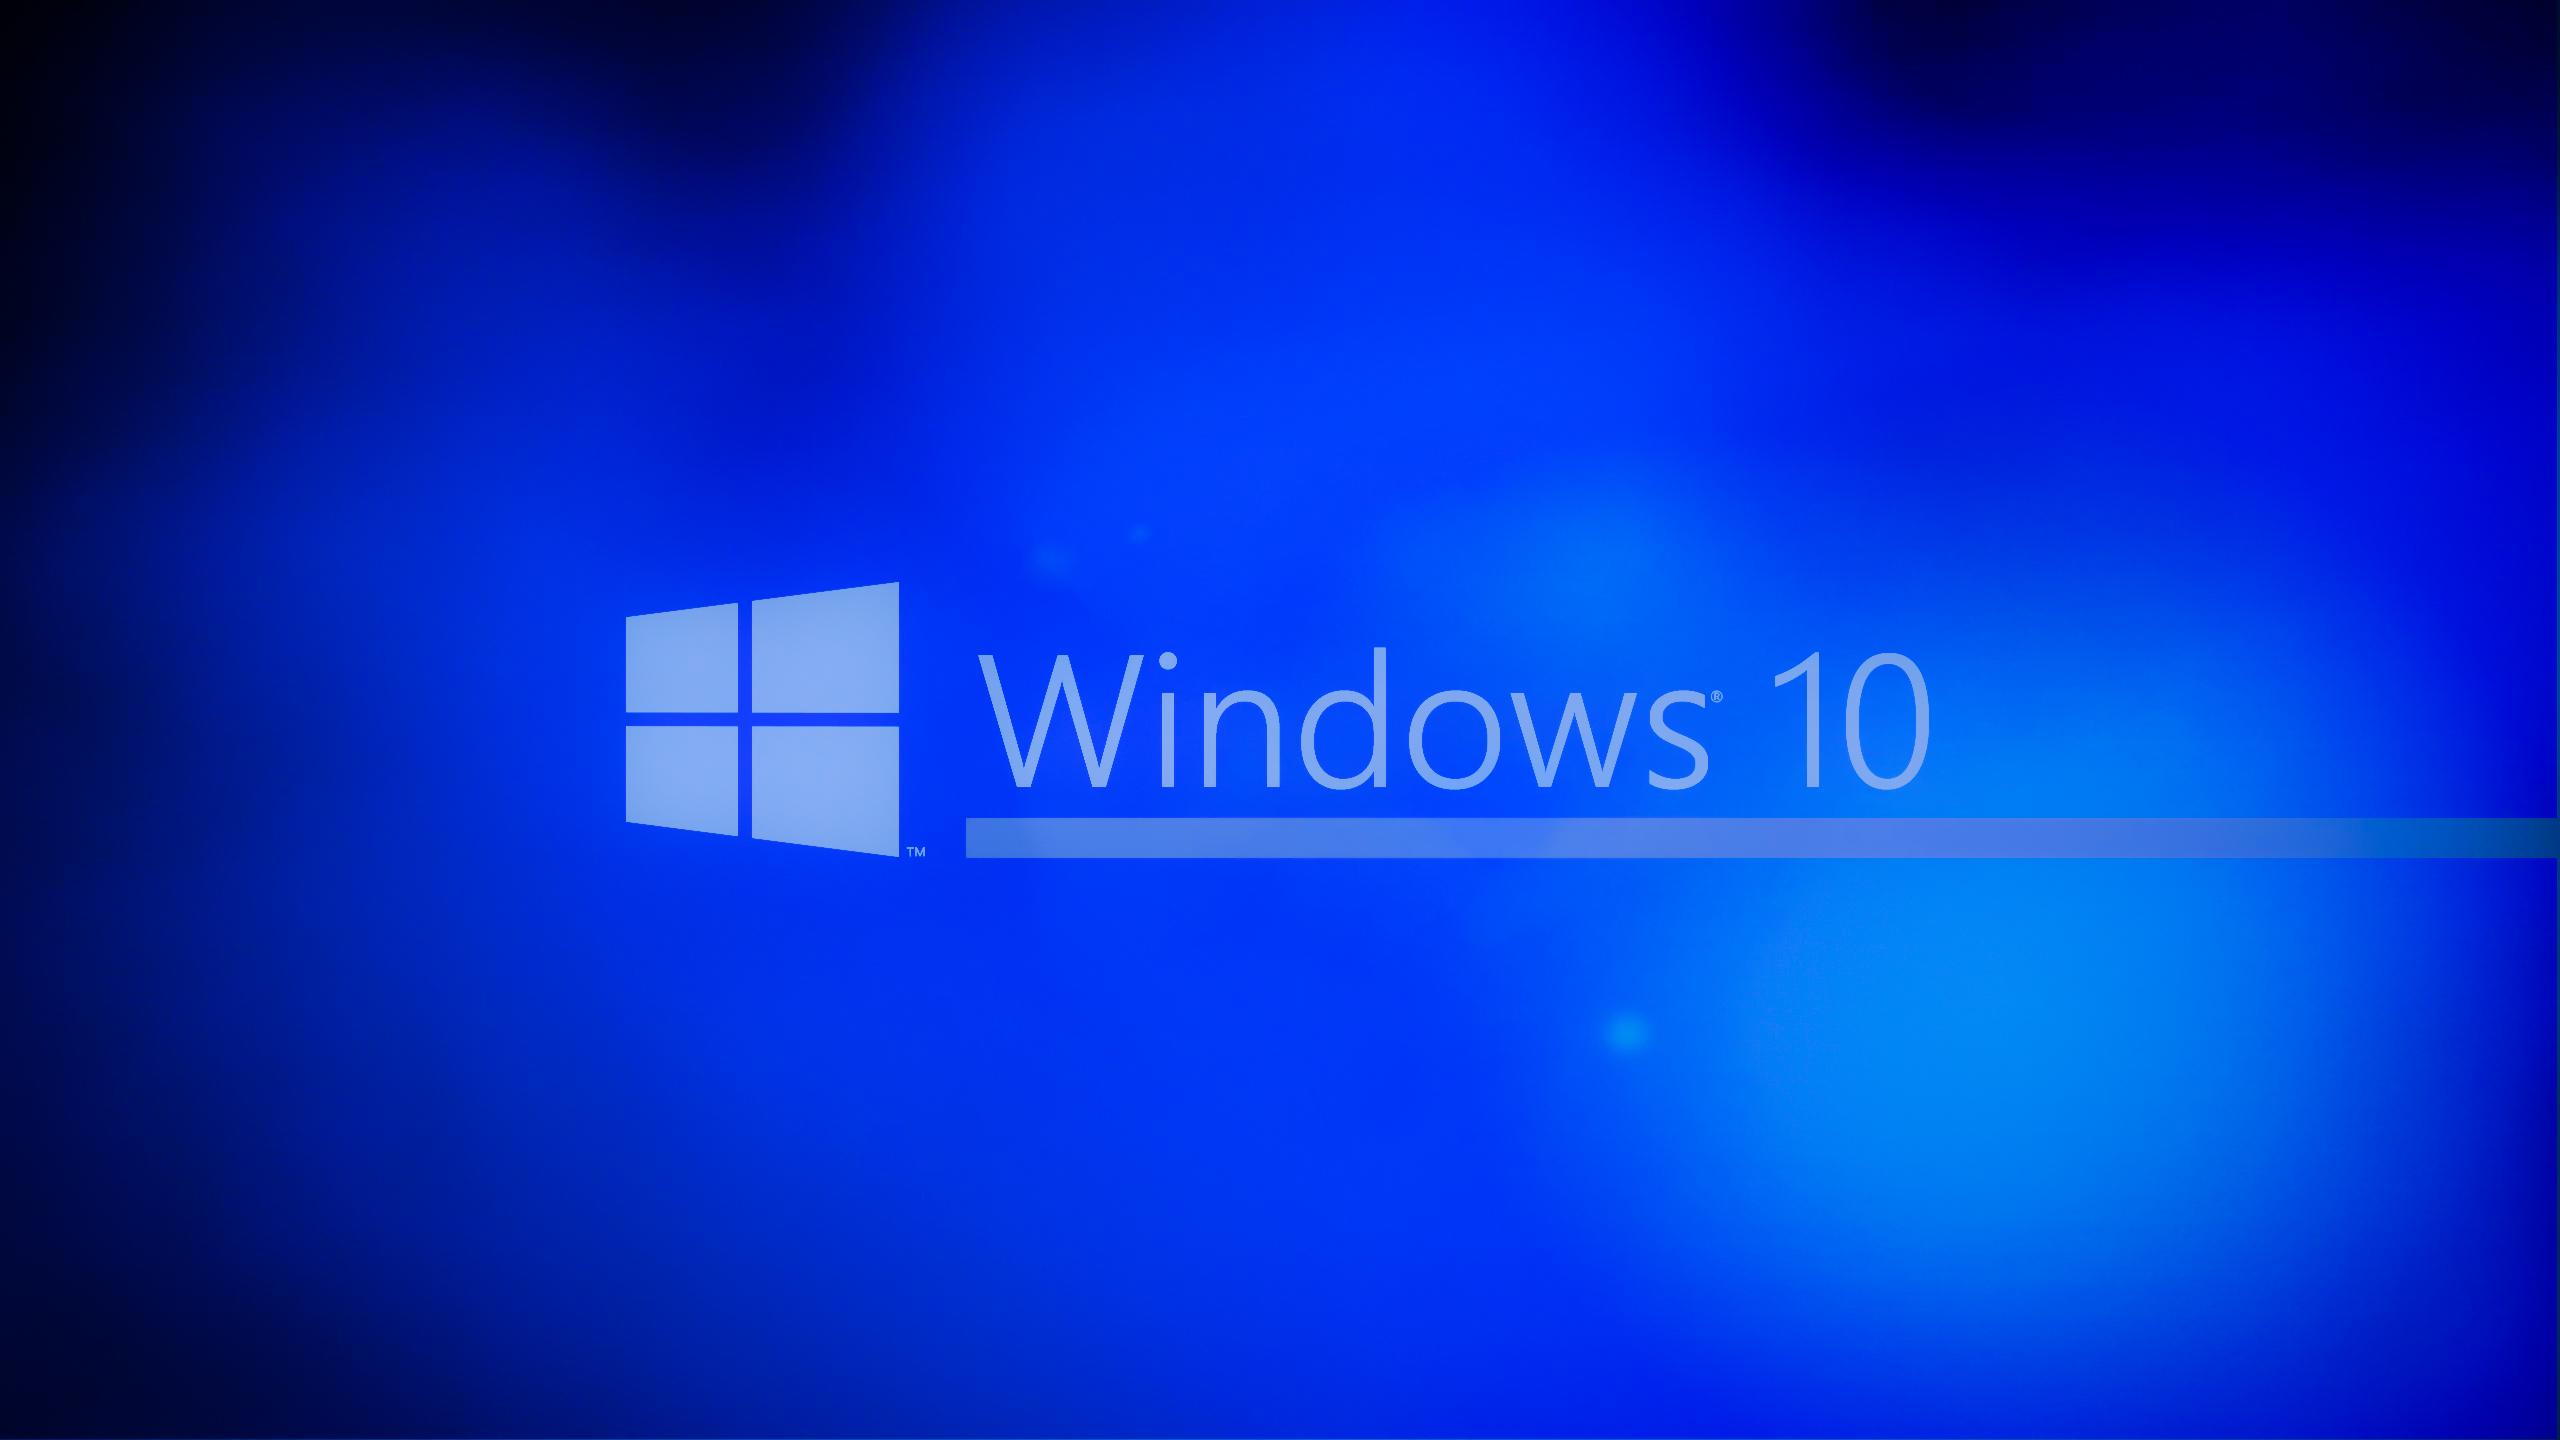 Windows 10 Wallpapers Hd Wallpapersafari